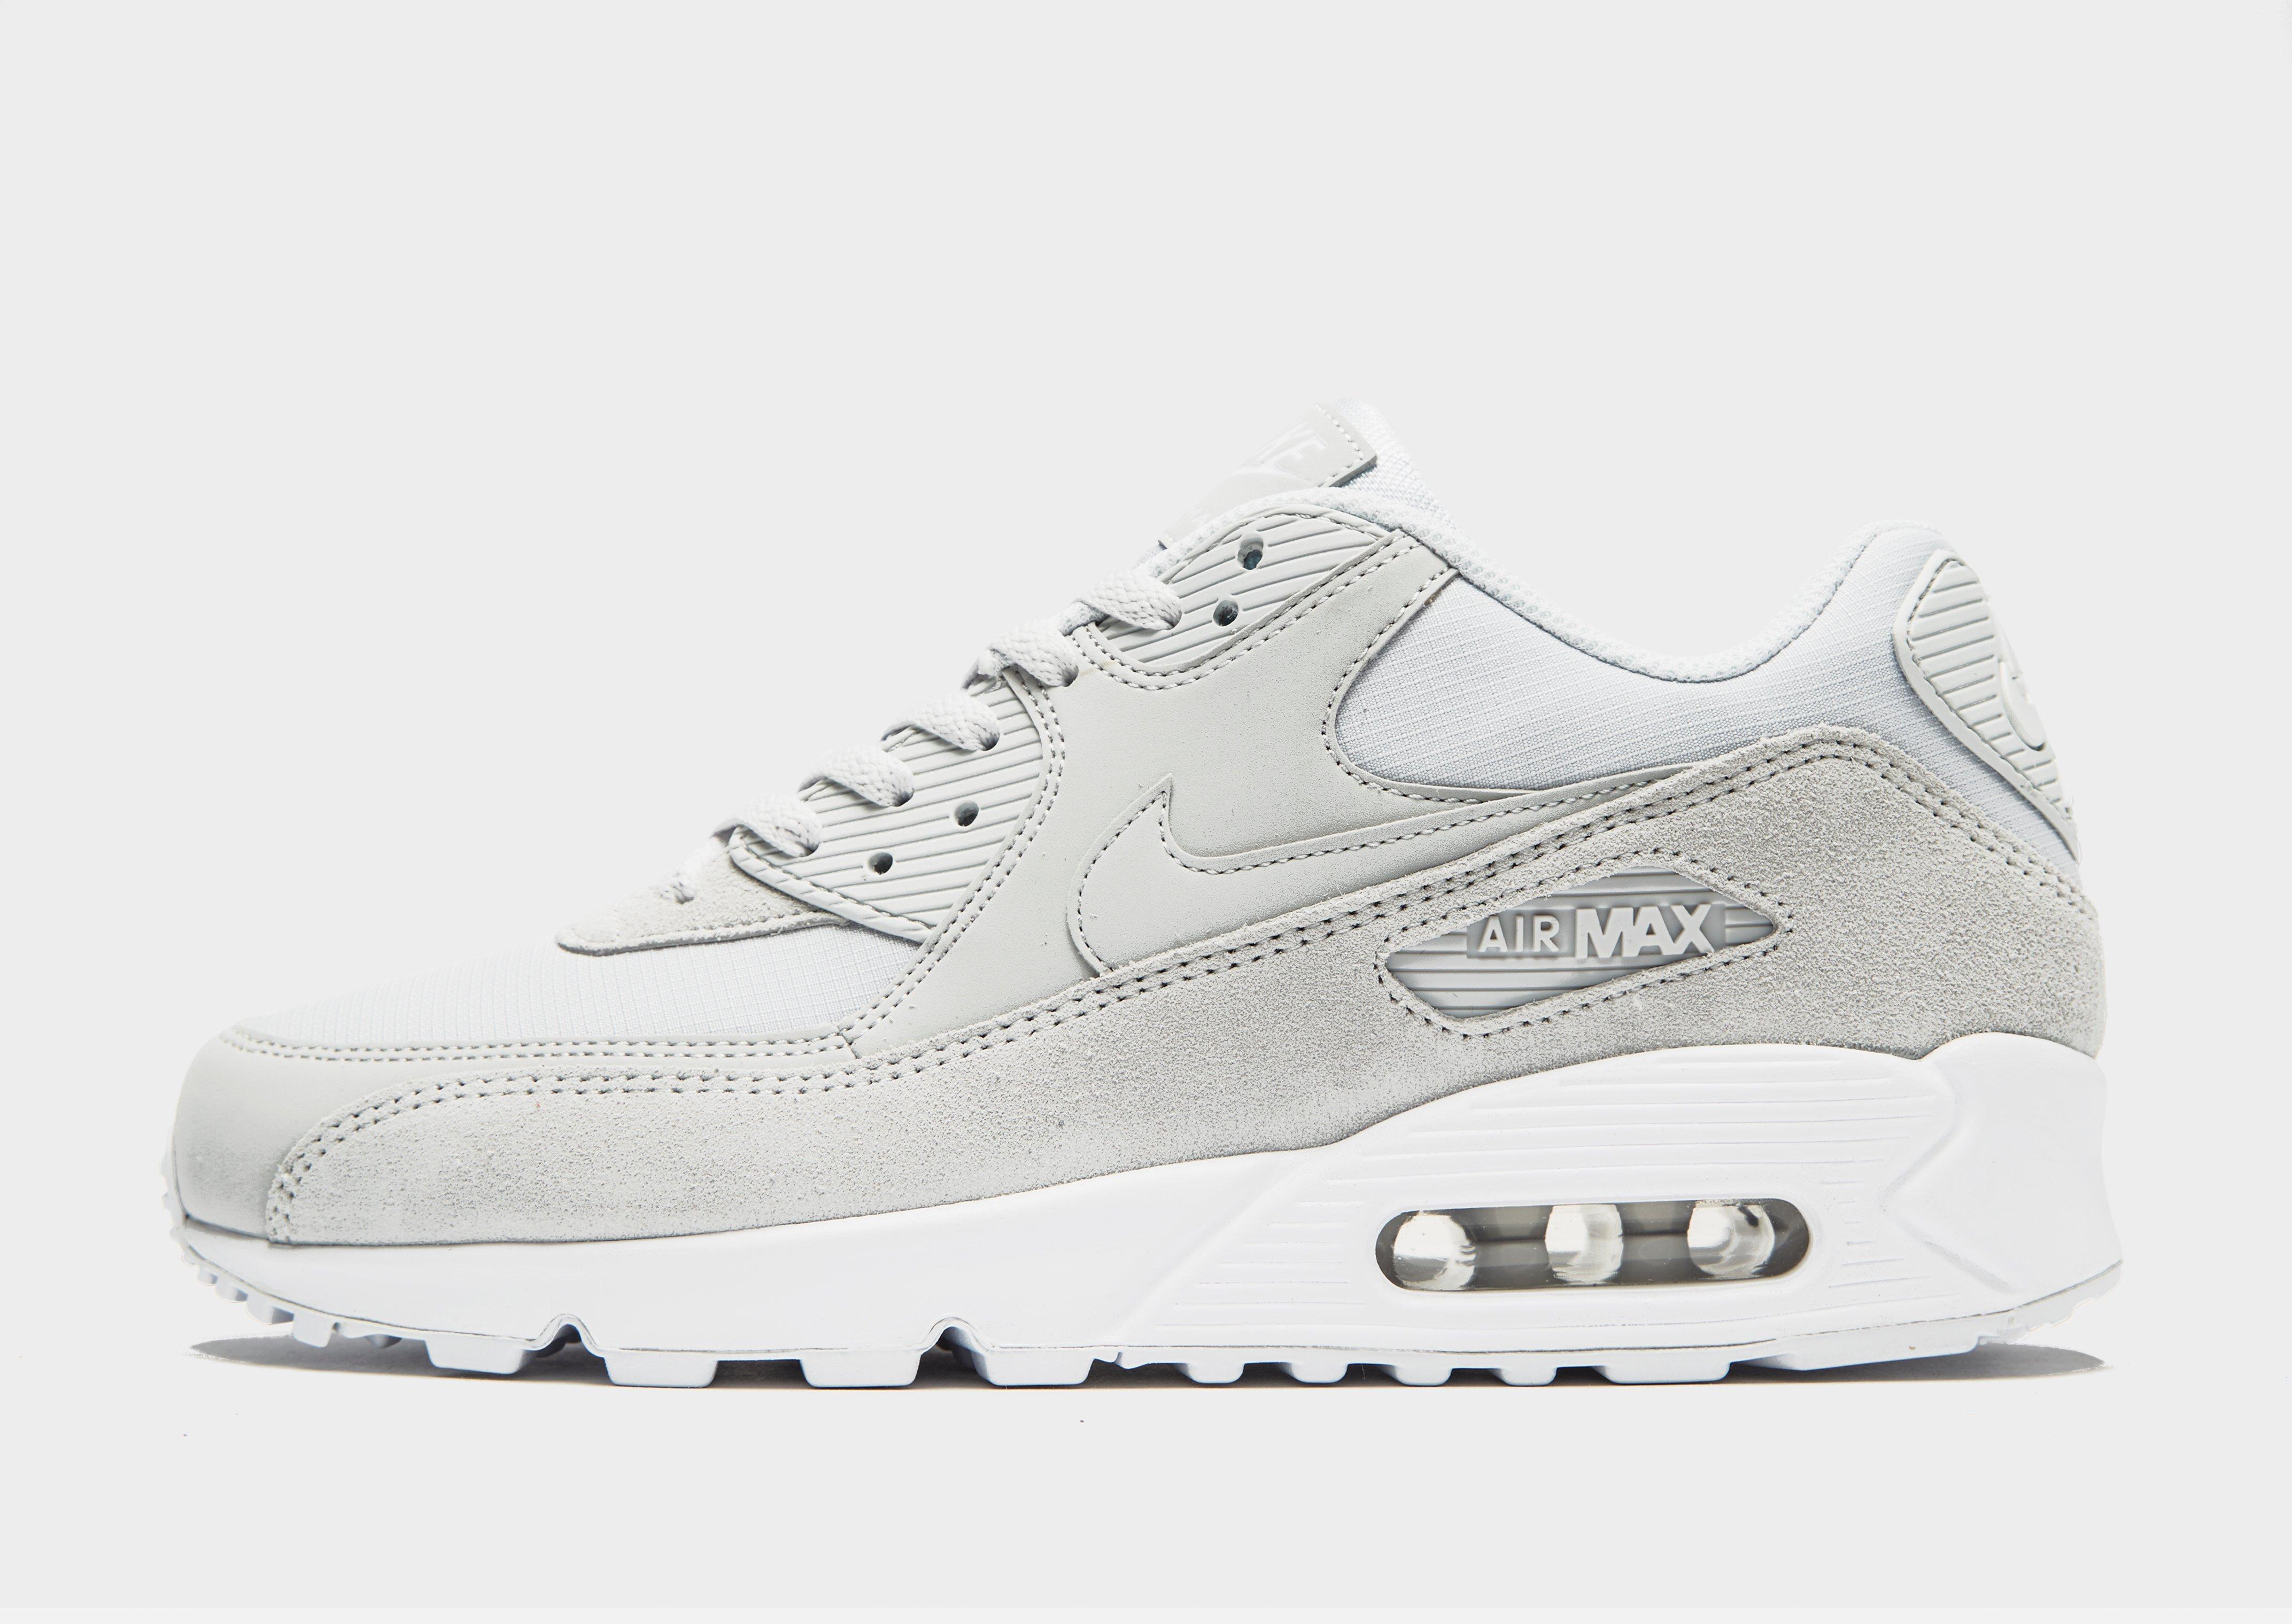 Nike Air Max 90 White CW7483 100 sneakAvenue